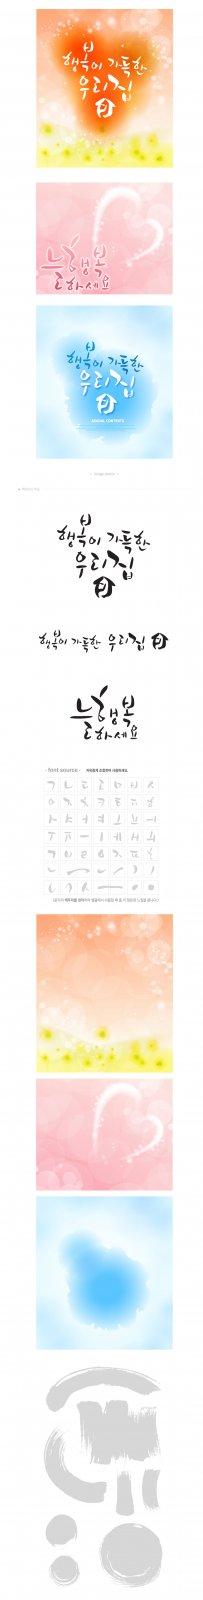 笔刷设计应用